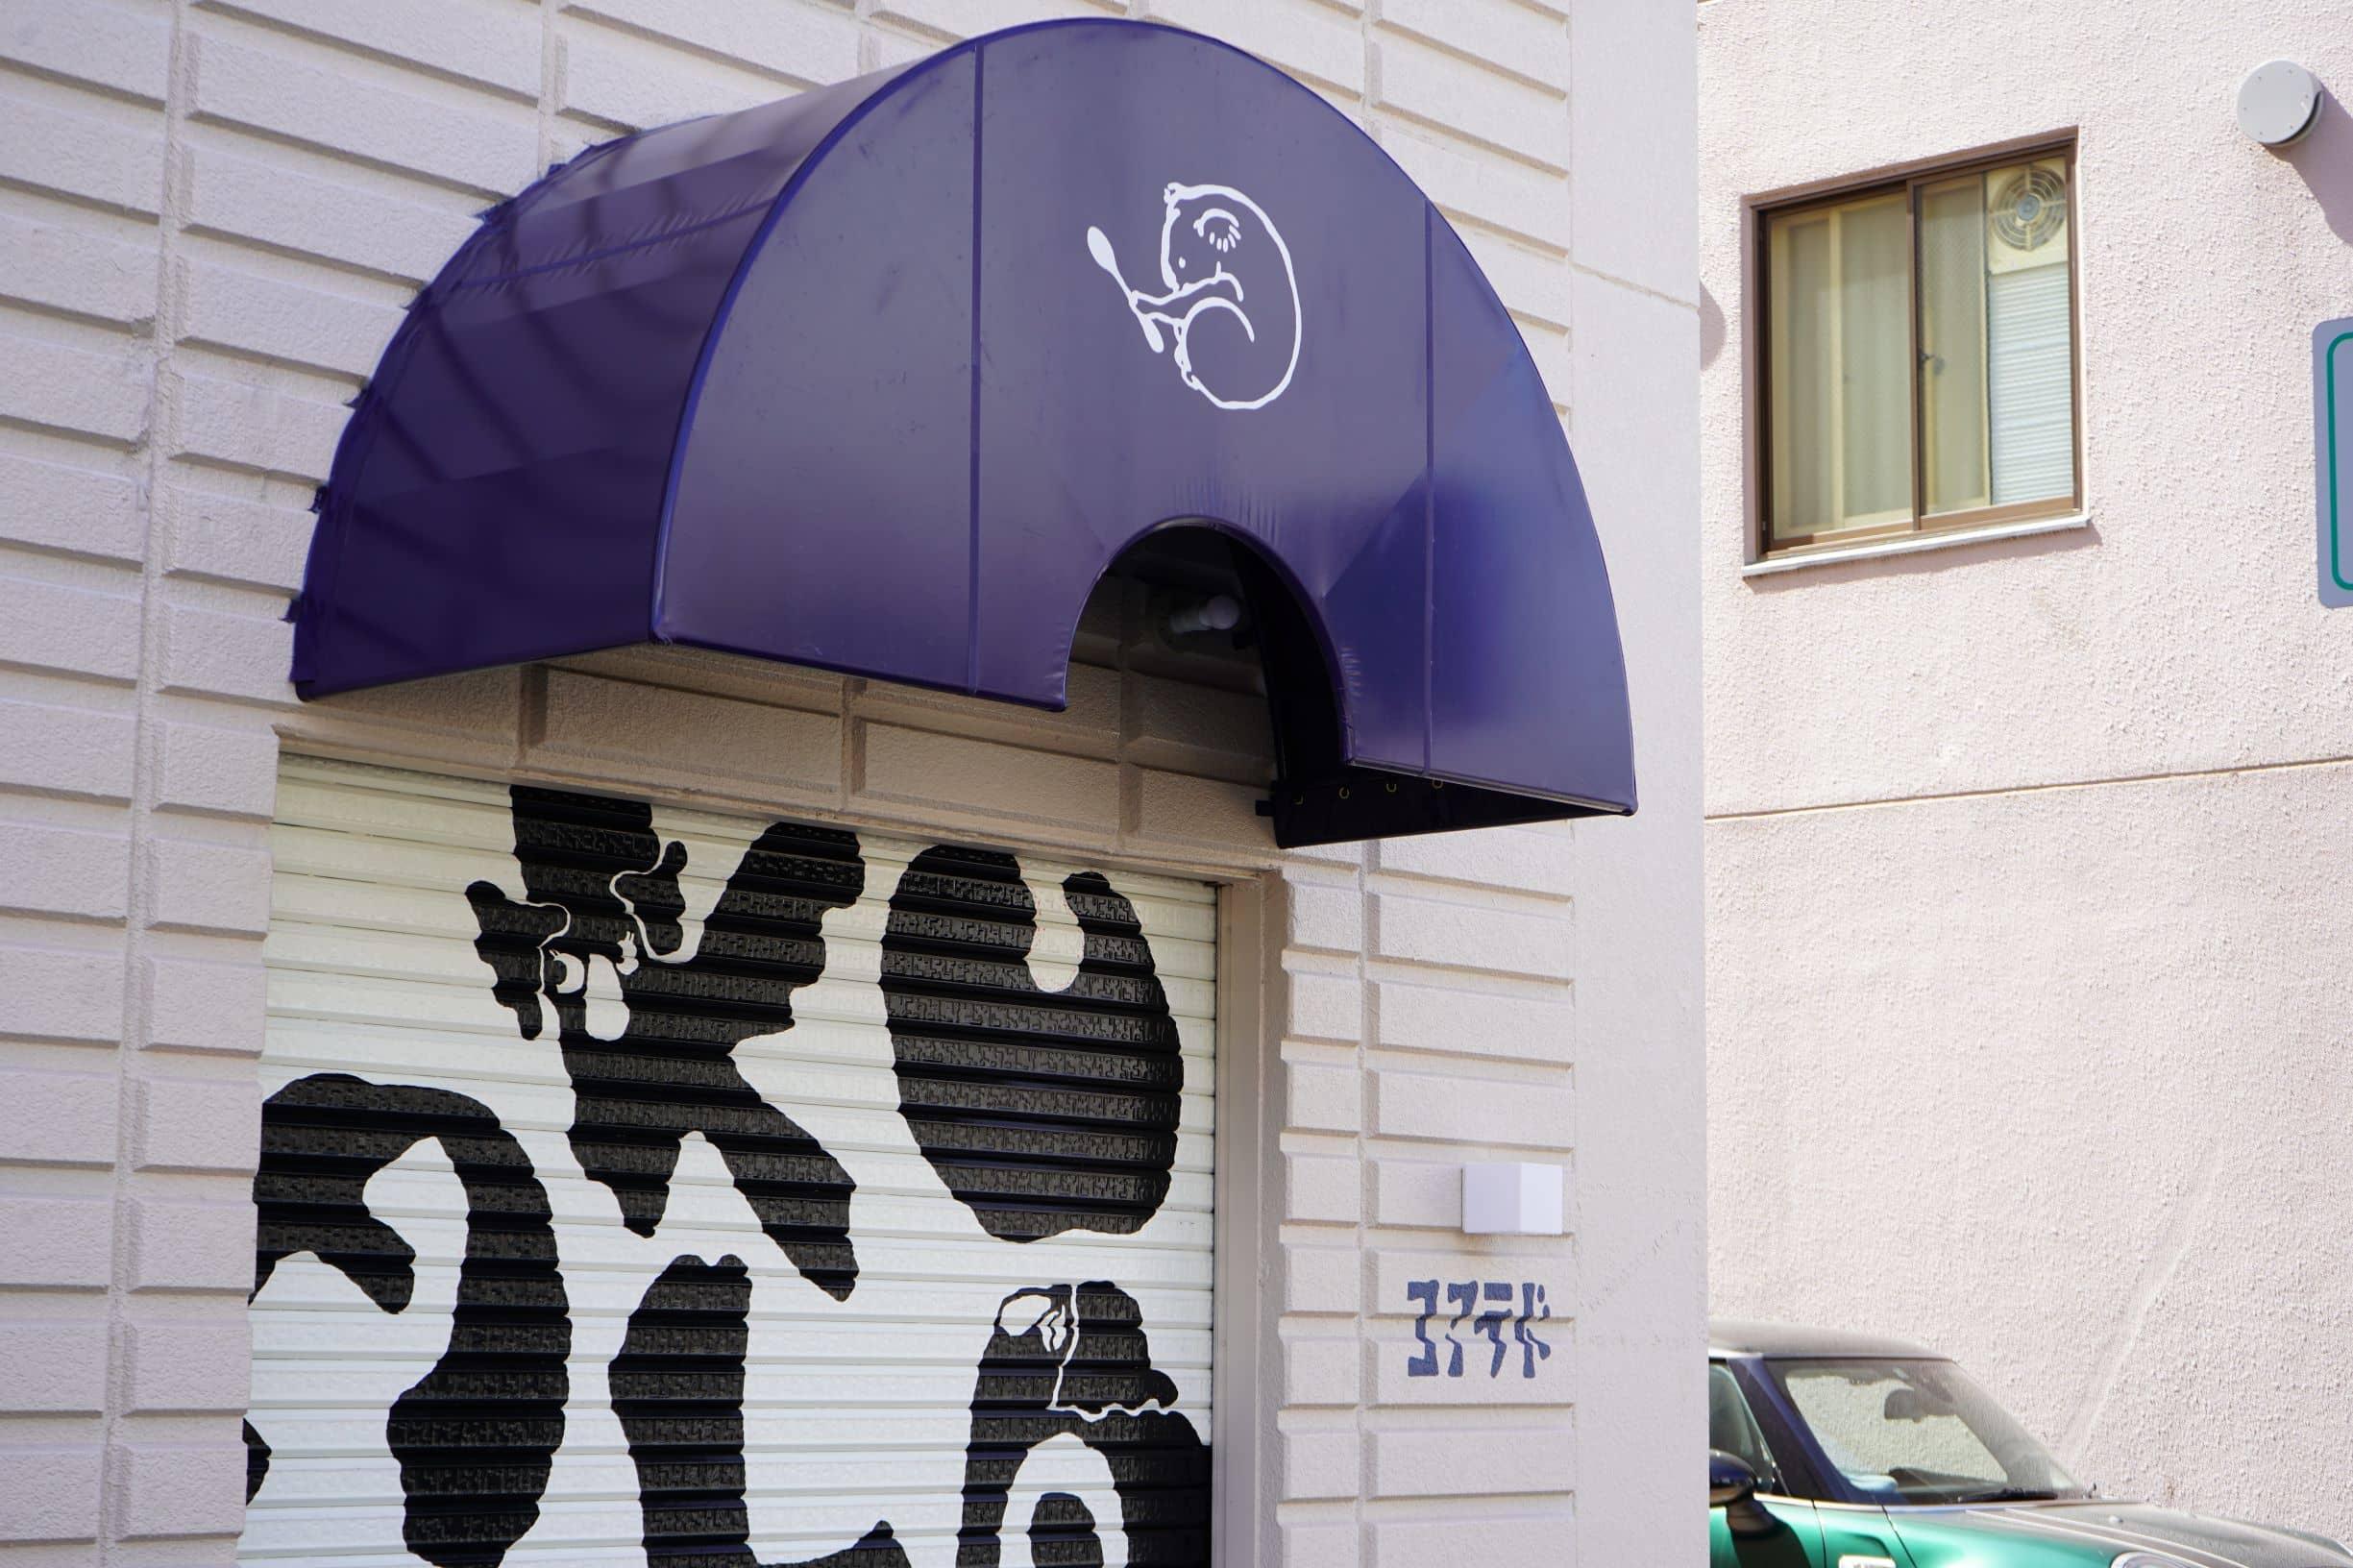 大注目の「シヤチル」2号店!レトロだけど新しい大衆食堂「コアラド」がニューオープン! - DSC06885 1